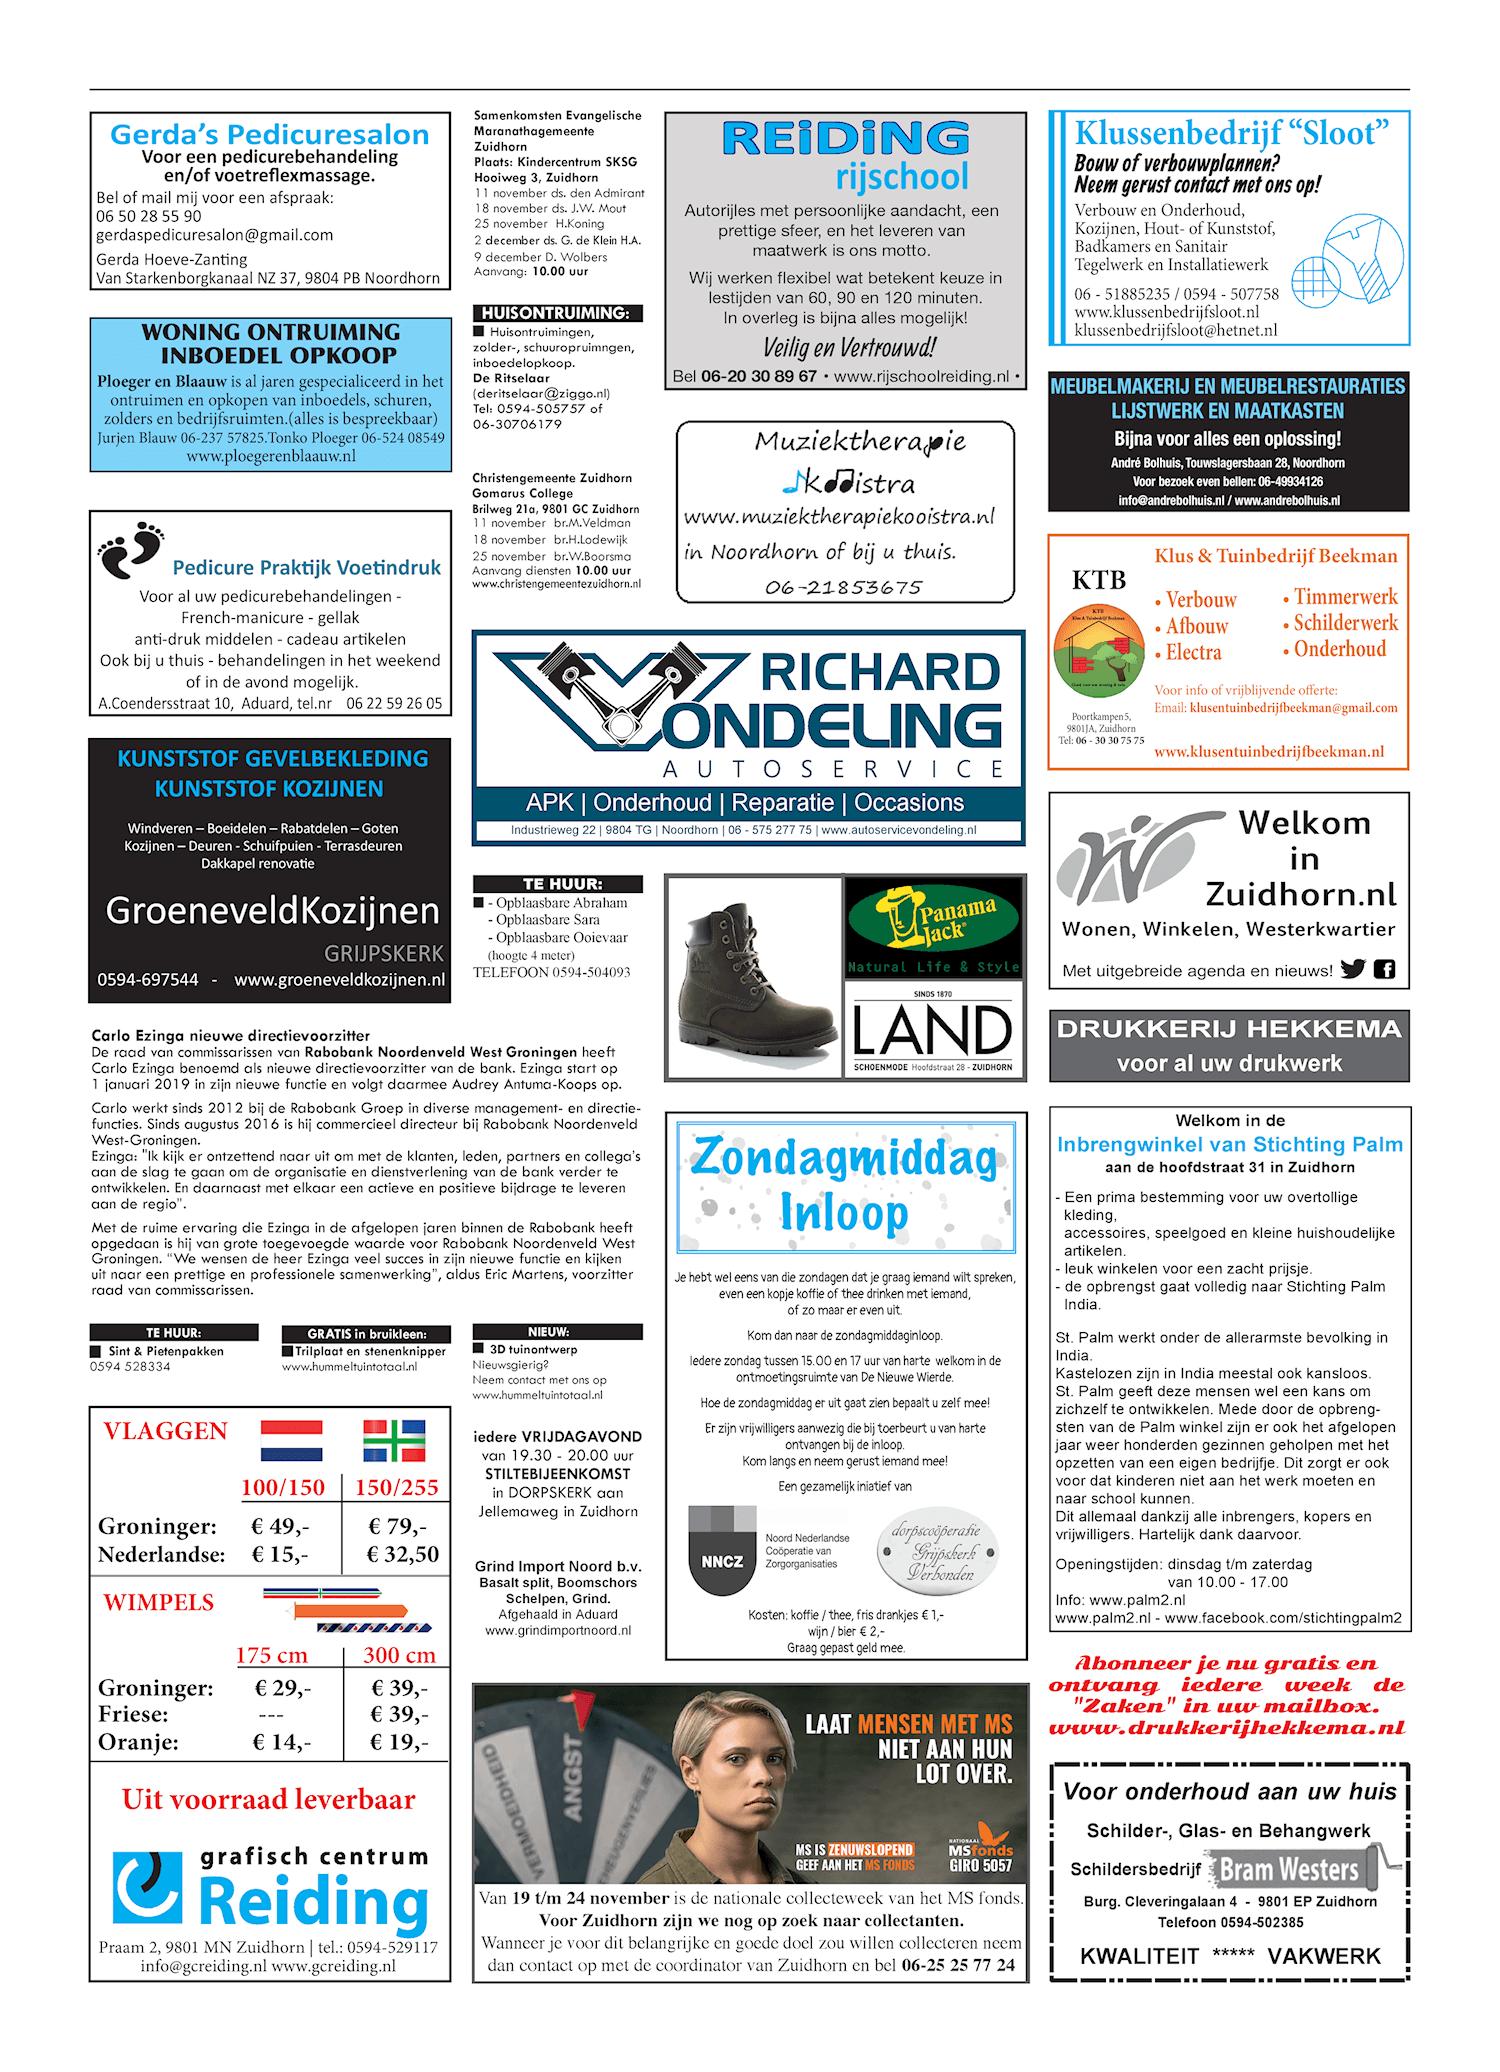 Drukkerij Hekkema - Zuidhorn - Zaken die uw aandacht vragen 2018 week 45